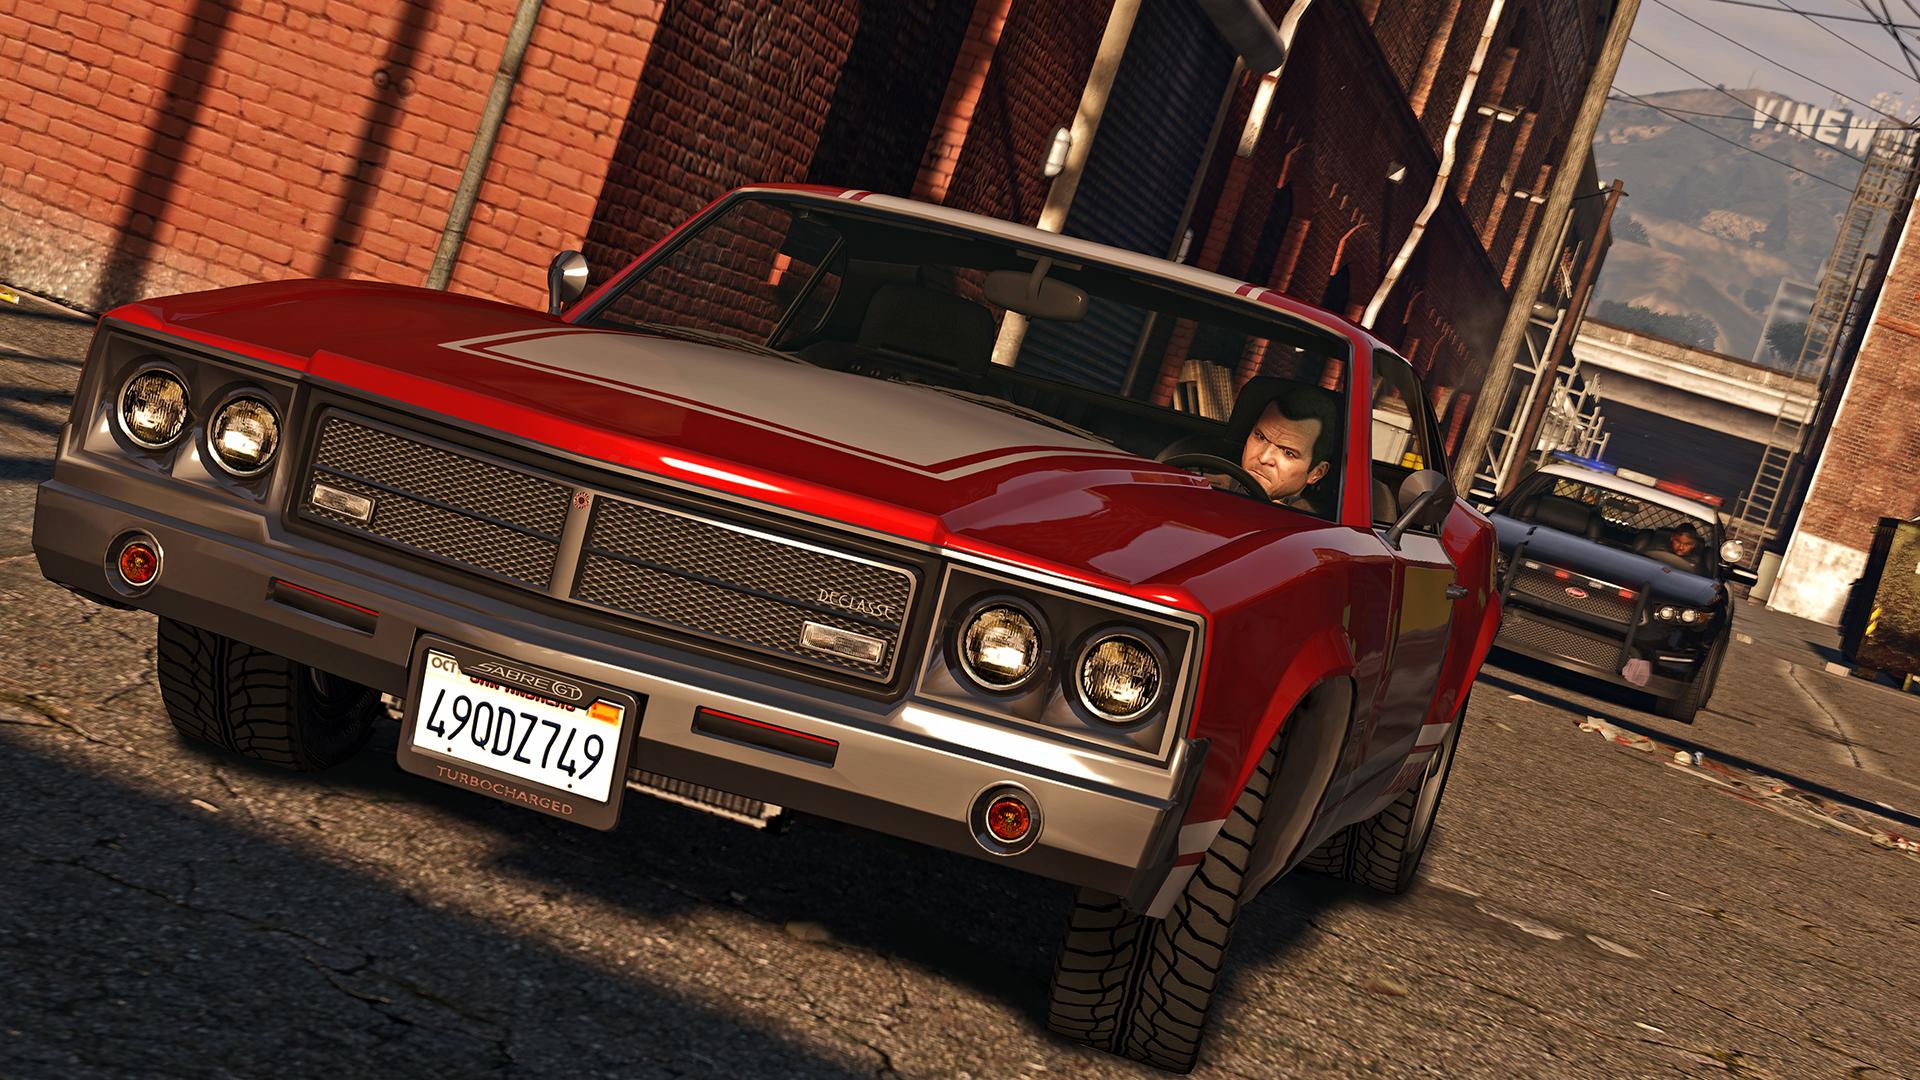 Grand Theft Auto 5 Graphics Comparison: PC vs  Xbox One vs  PS4